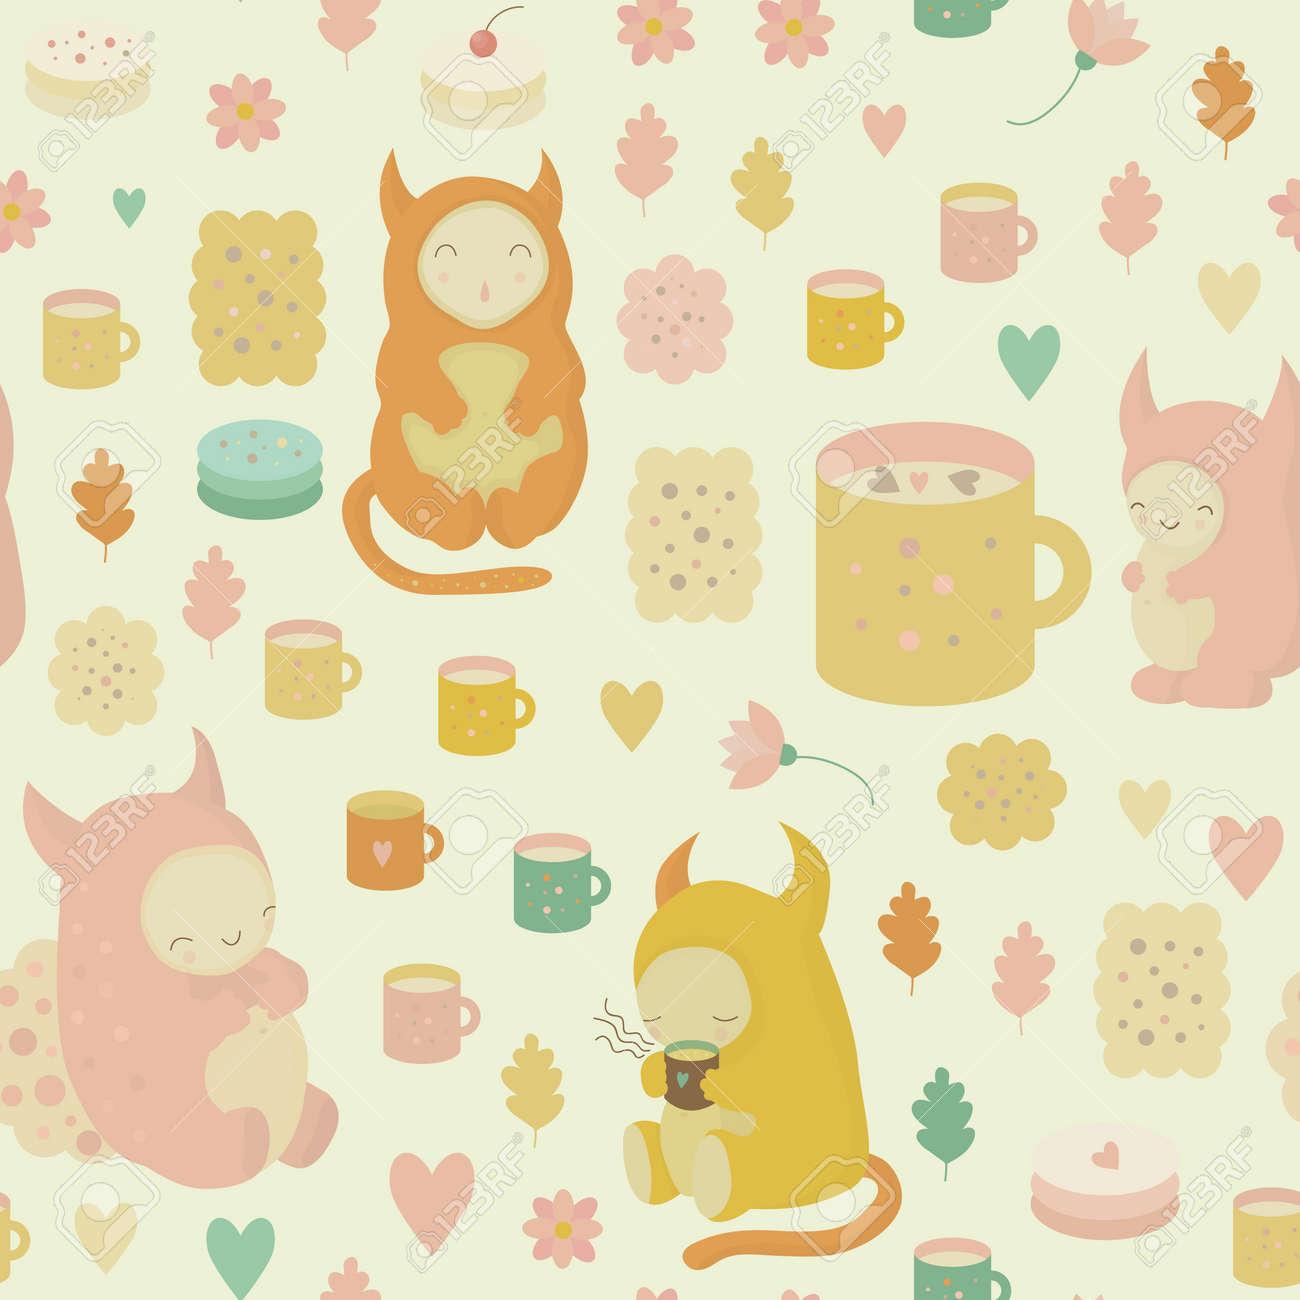 かわいいモンスター 紅茶 マグカップ クッキー ケーキ ココア 花